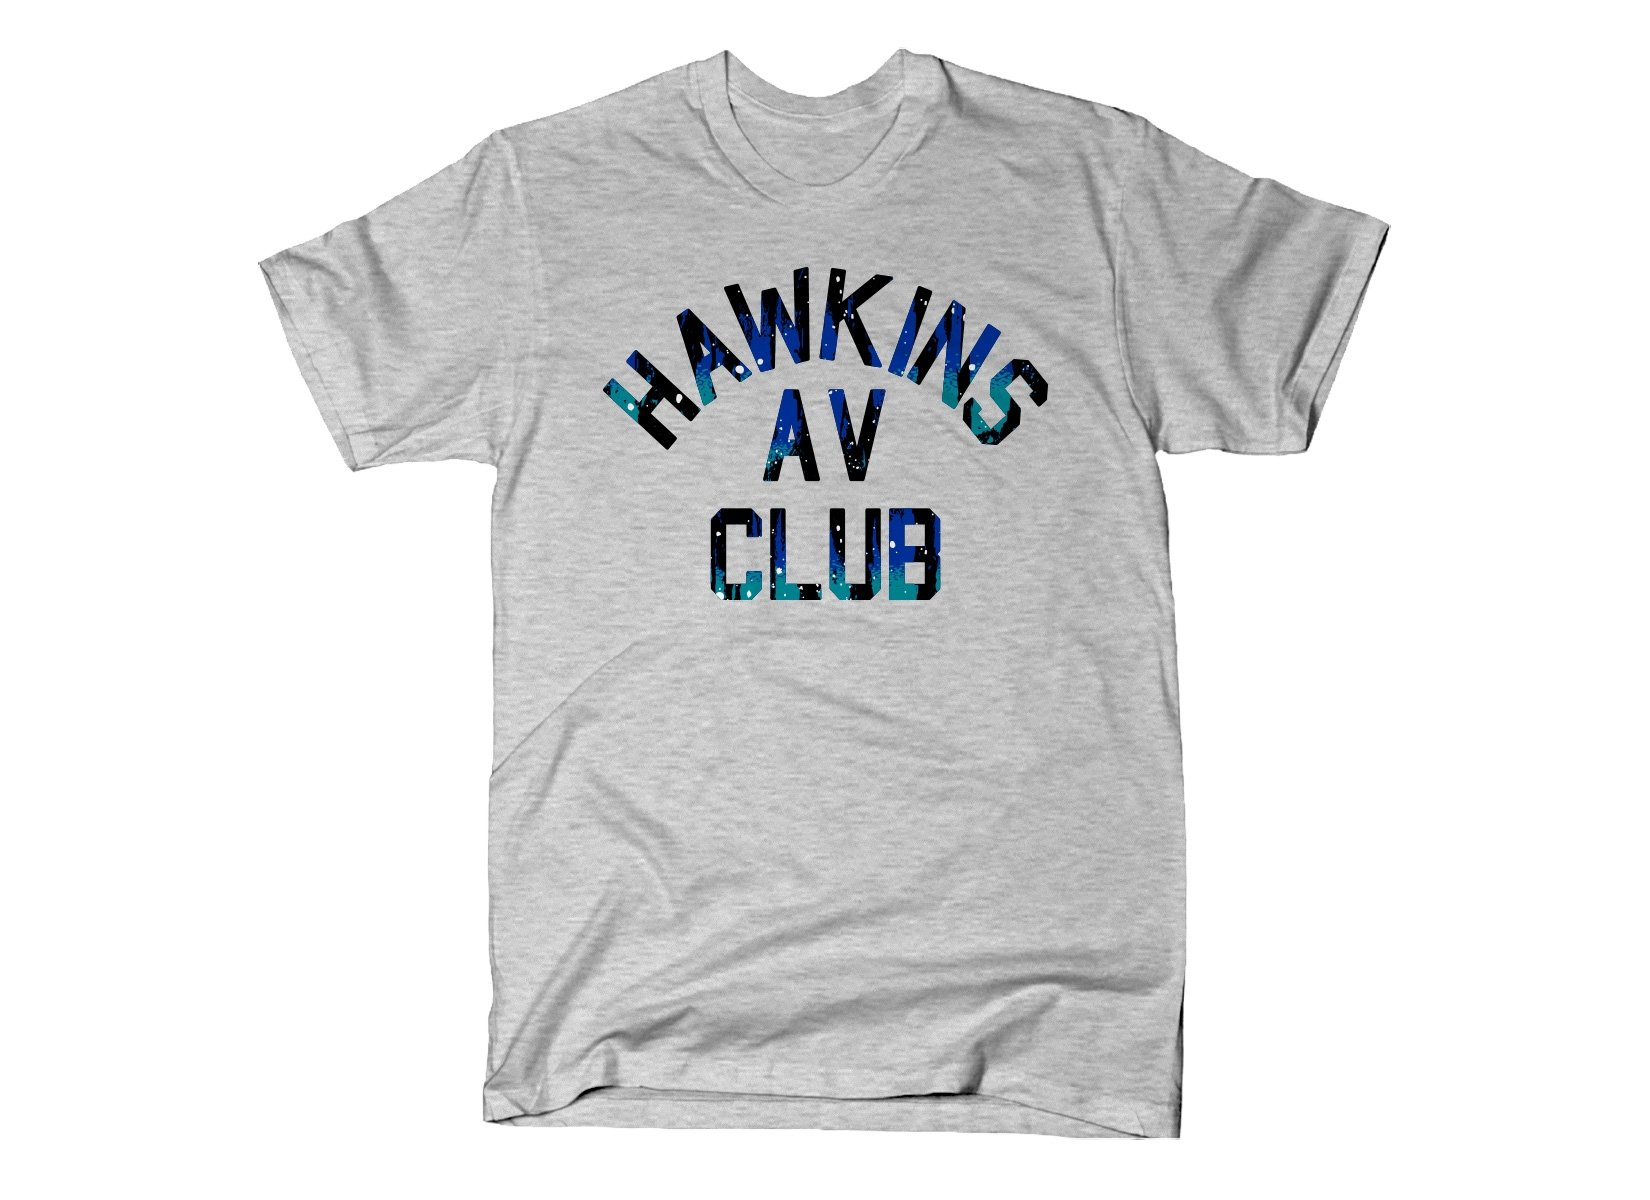 Hawkins AV Club